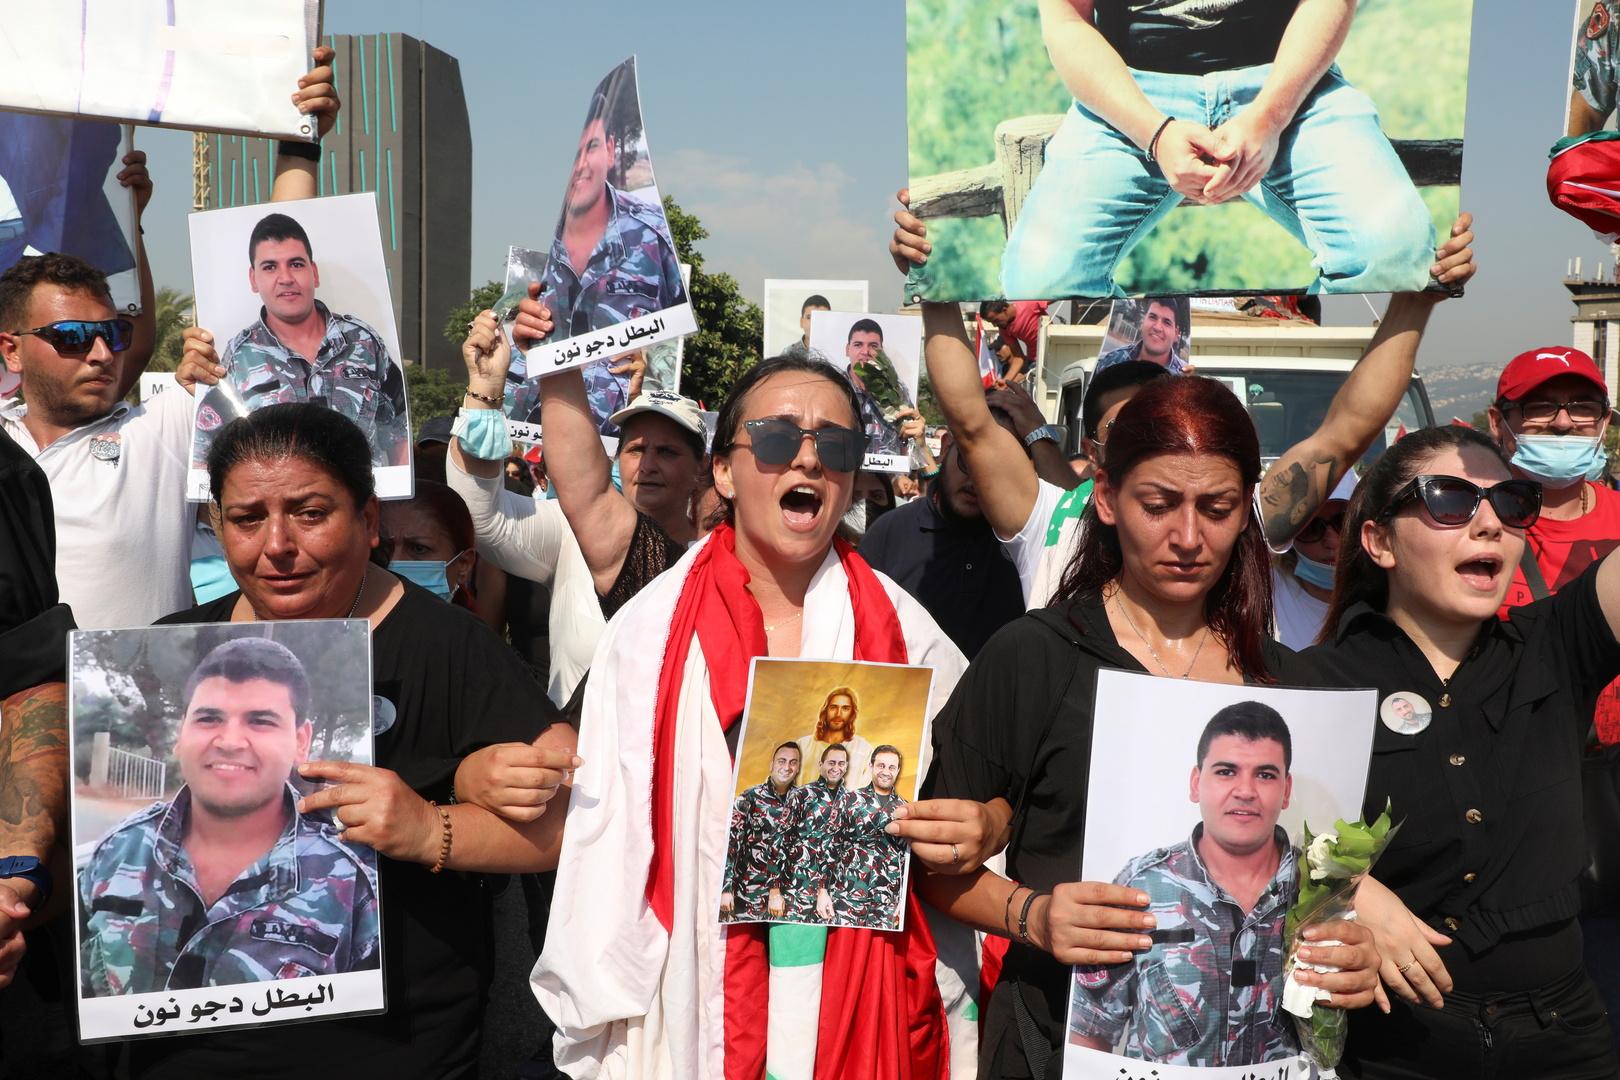 مسيرات حاشدة تجاه مرفأ بيروت تخللها إشكال محدود في الجميزة